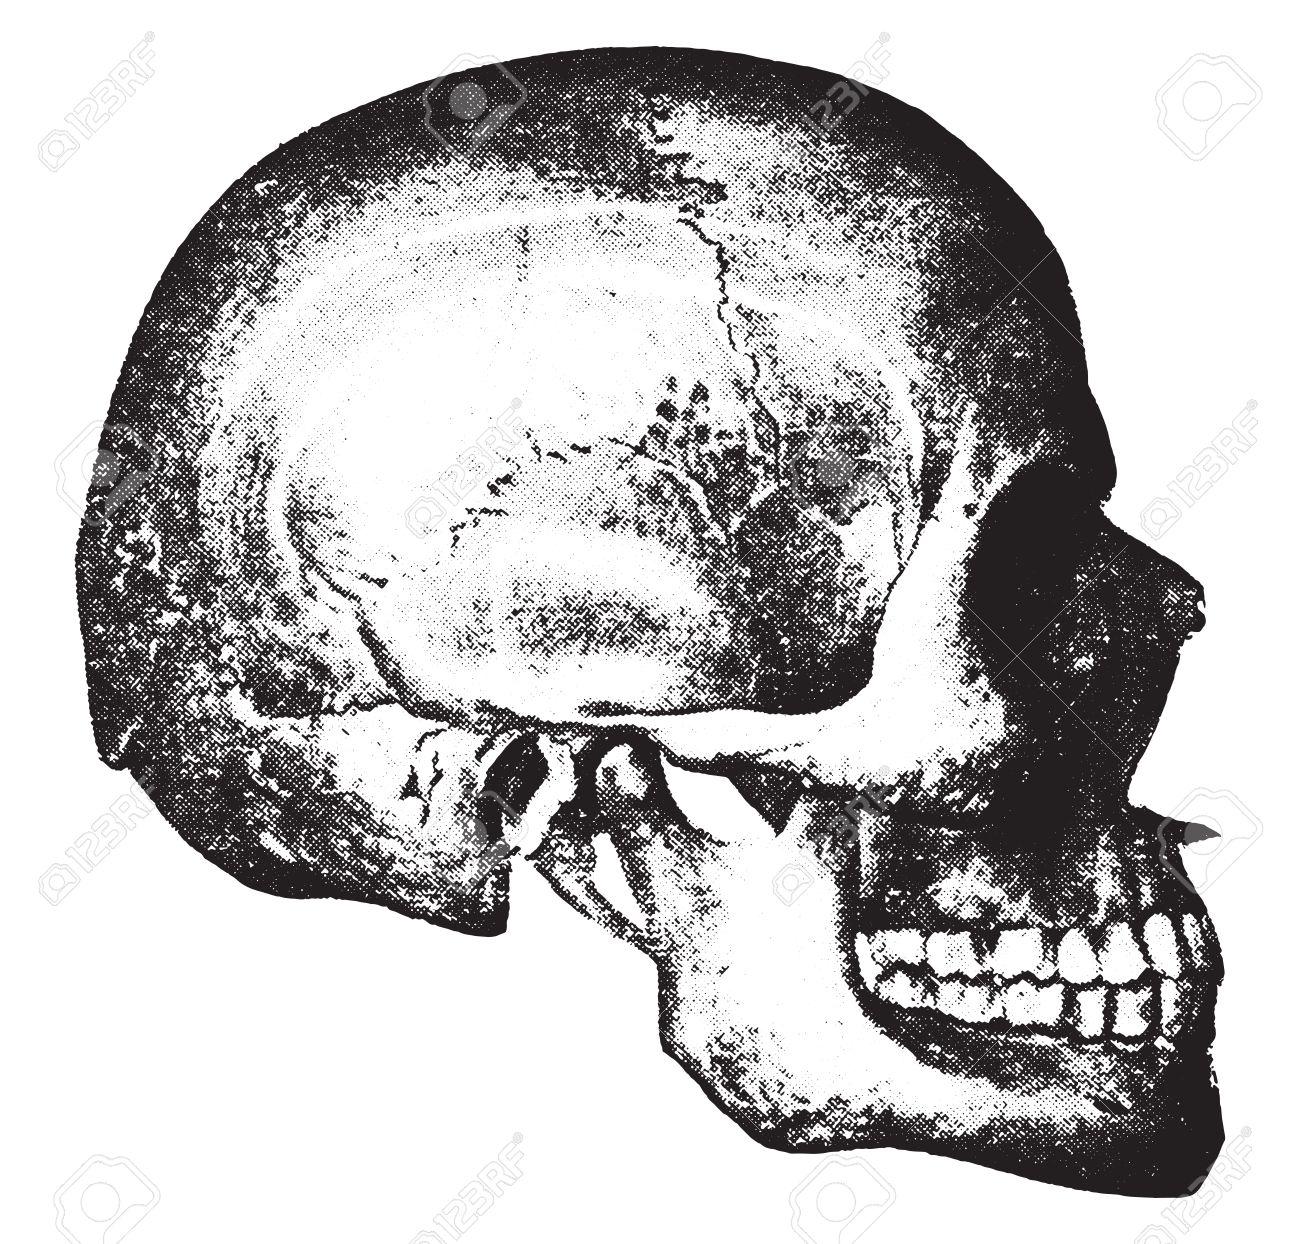 Side view of skull, vintage engraved illustration. - 41712018